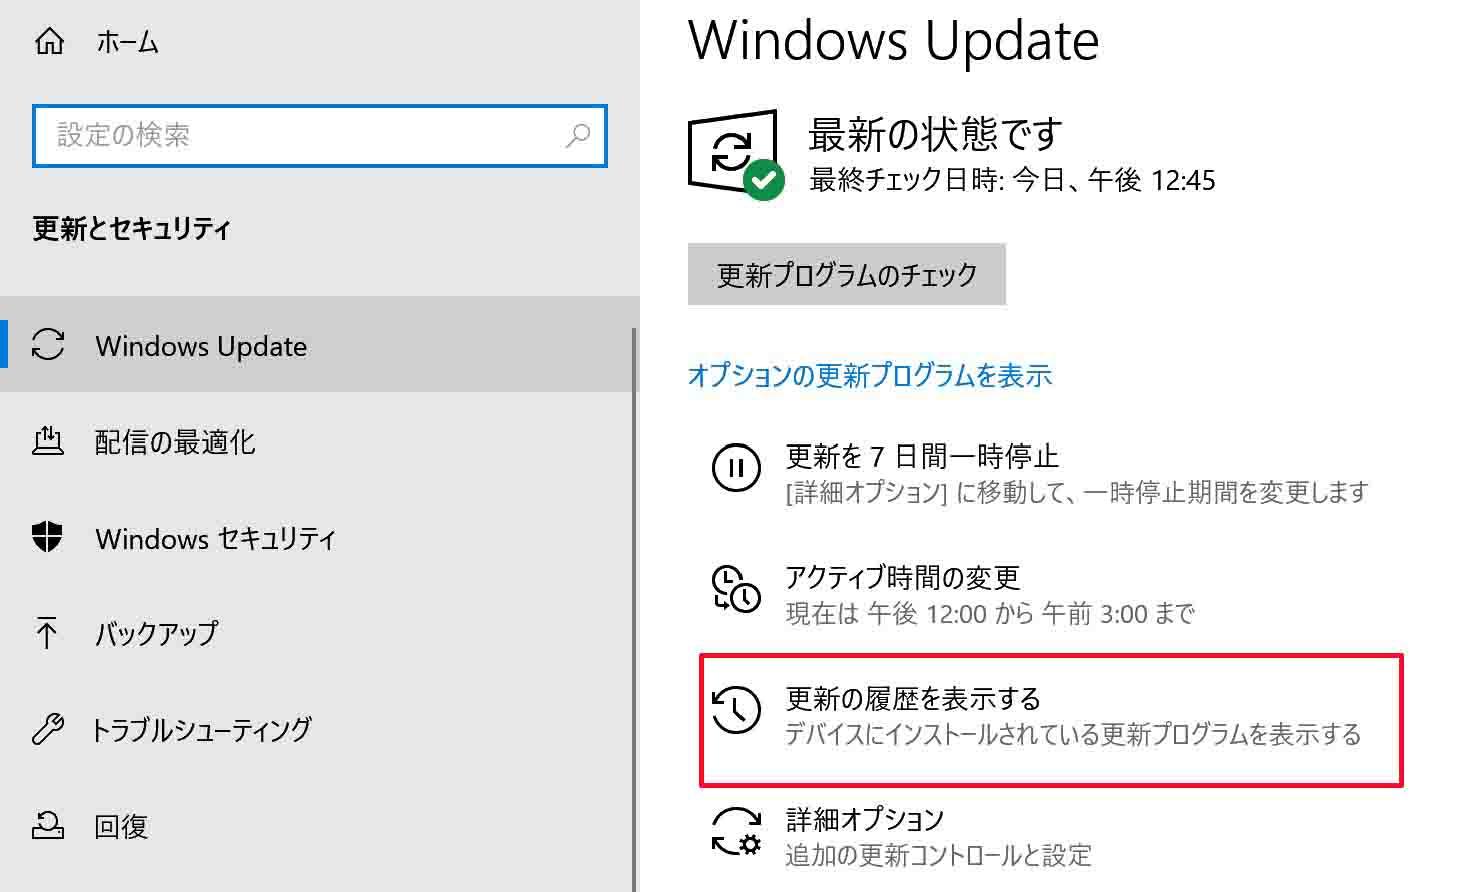 ③「Windows Update」内にある「更新の履歴を表示する」をクリックして開きます。